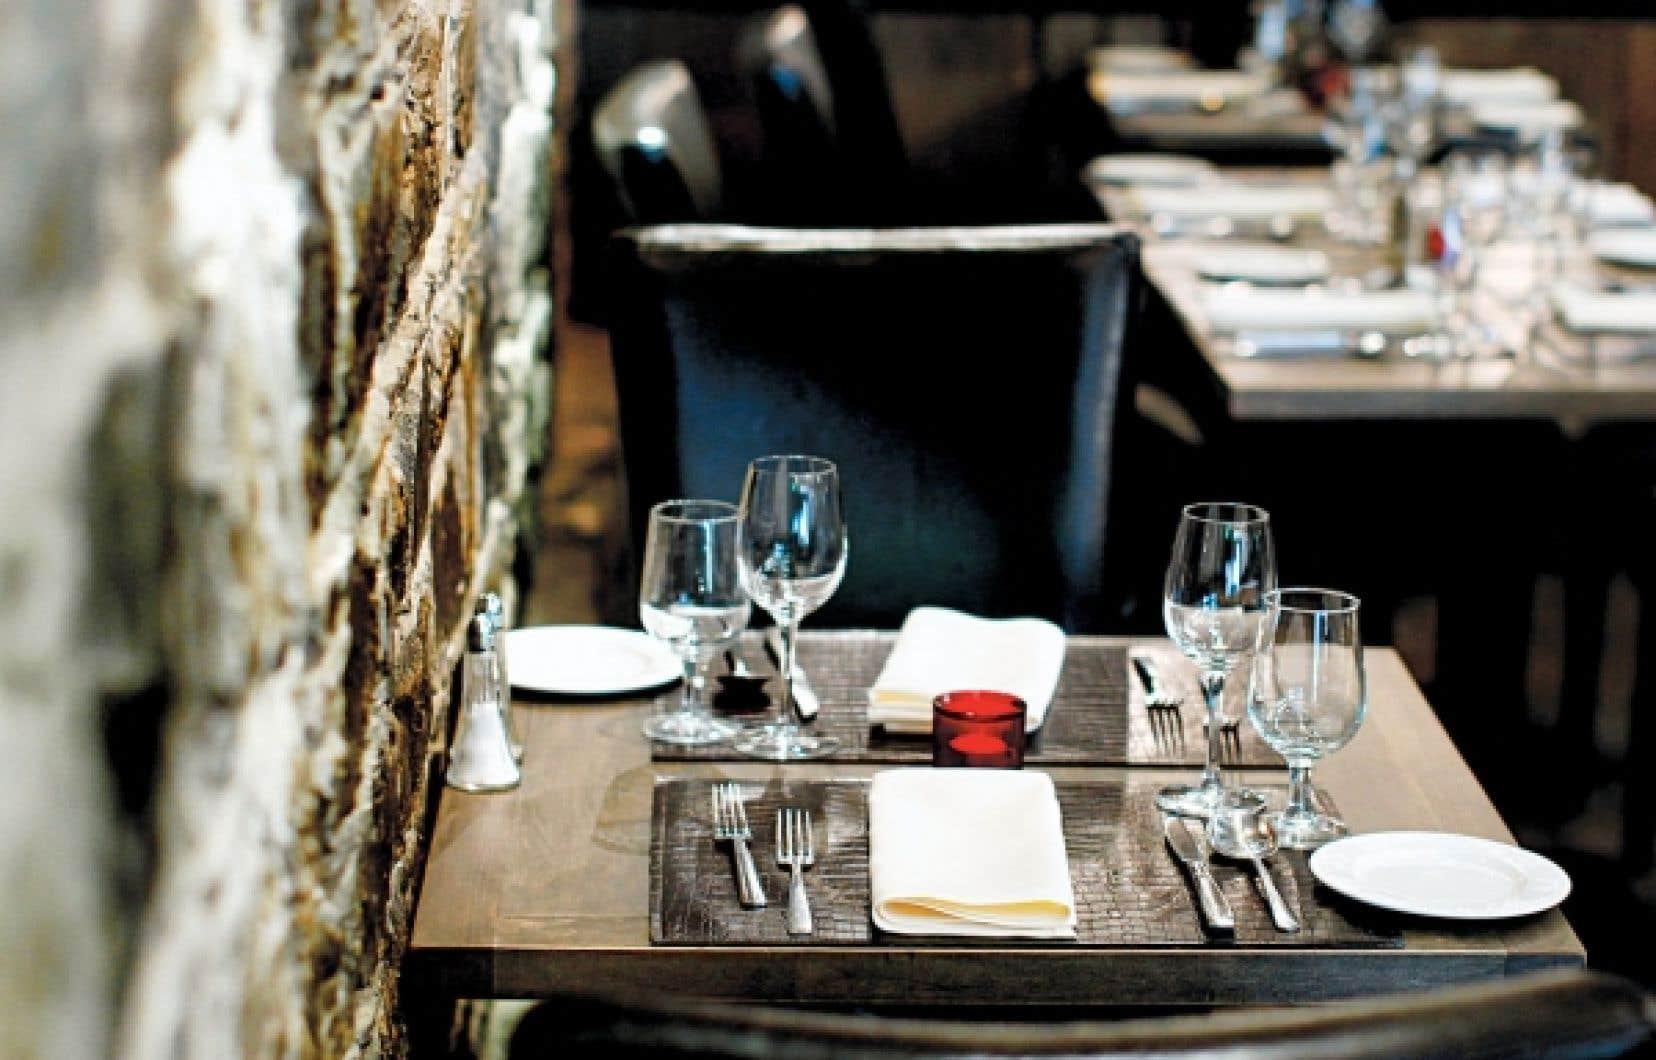 Si le restaurant Feu sacré s'affiche comme un steakhouse, la carte propose aussi une belle variété de gibier, poissons et fruits de mer.